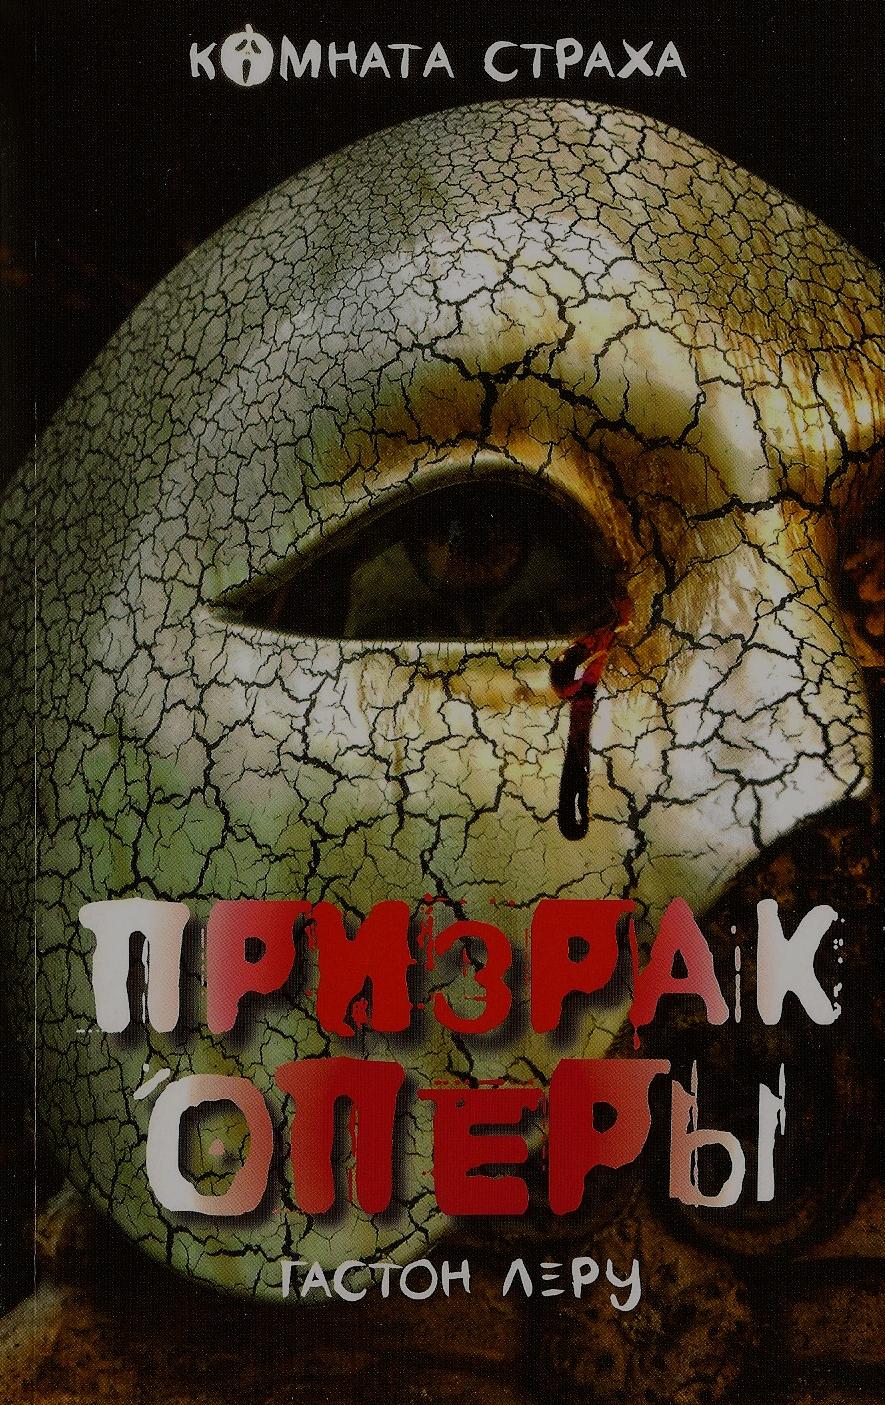 Призрак оперы гастон леру книга скачать бесплатно